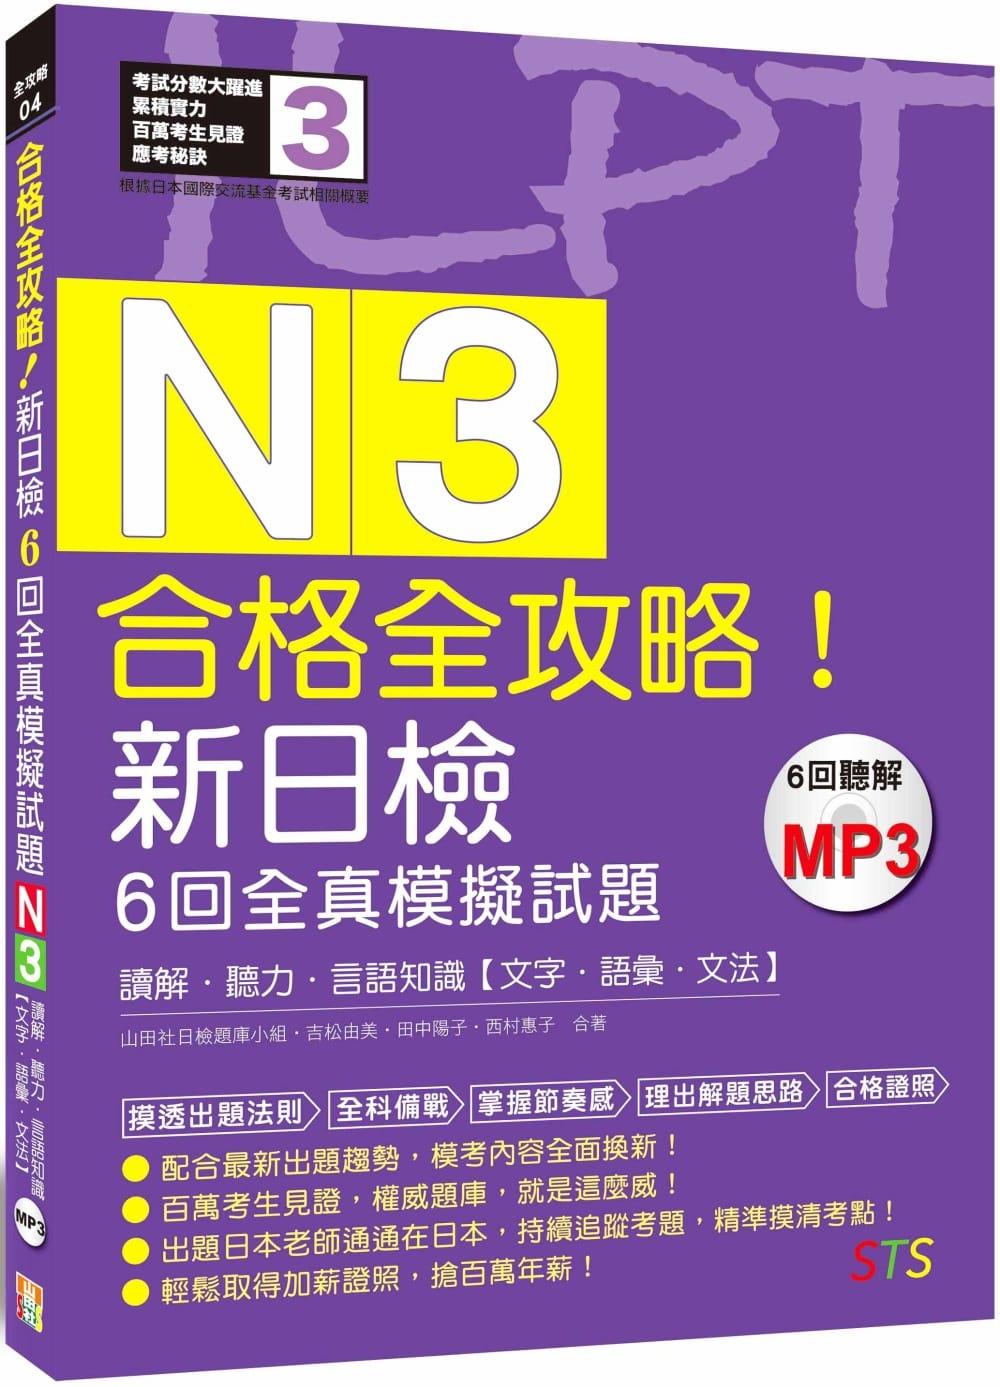 N3合格全攻略!新日檢6回全真模擬試題:【讀解.聽力.言語知識(文字.語彙.文法)】(16K+6回聽解MP3)